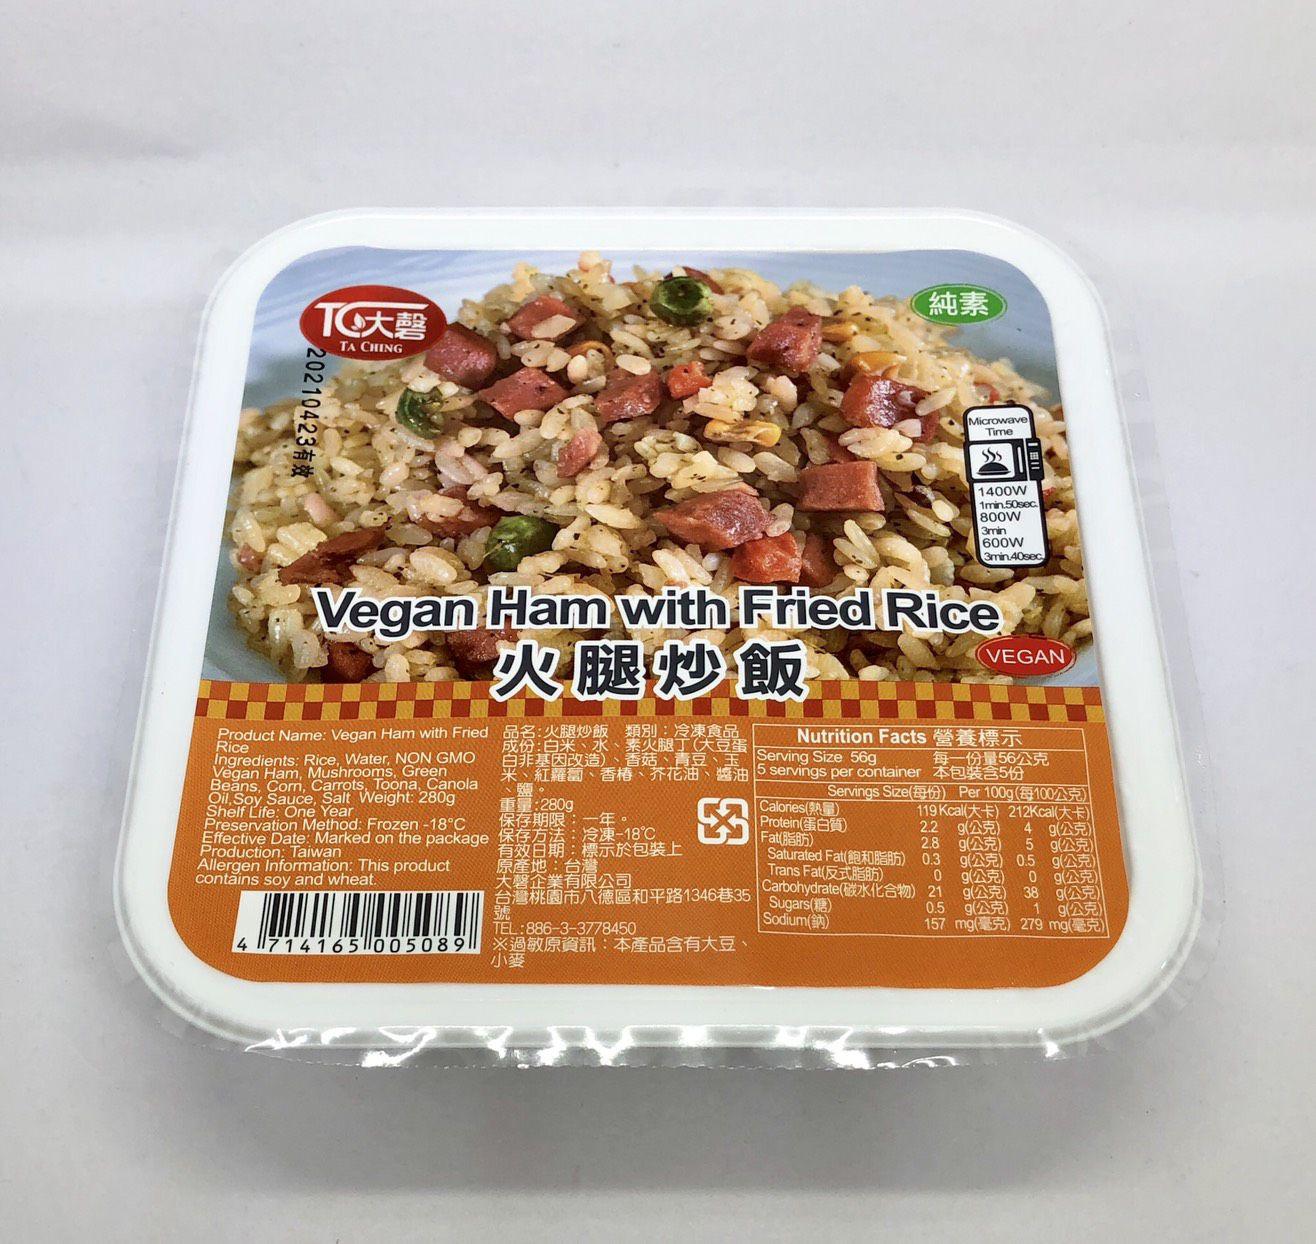 (大磬福鼎)火腿炒飯280g(全素)